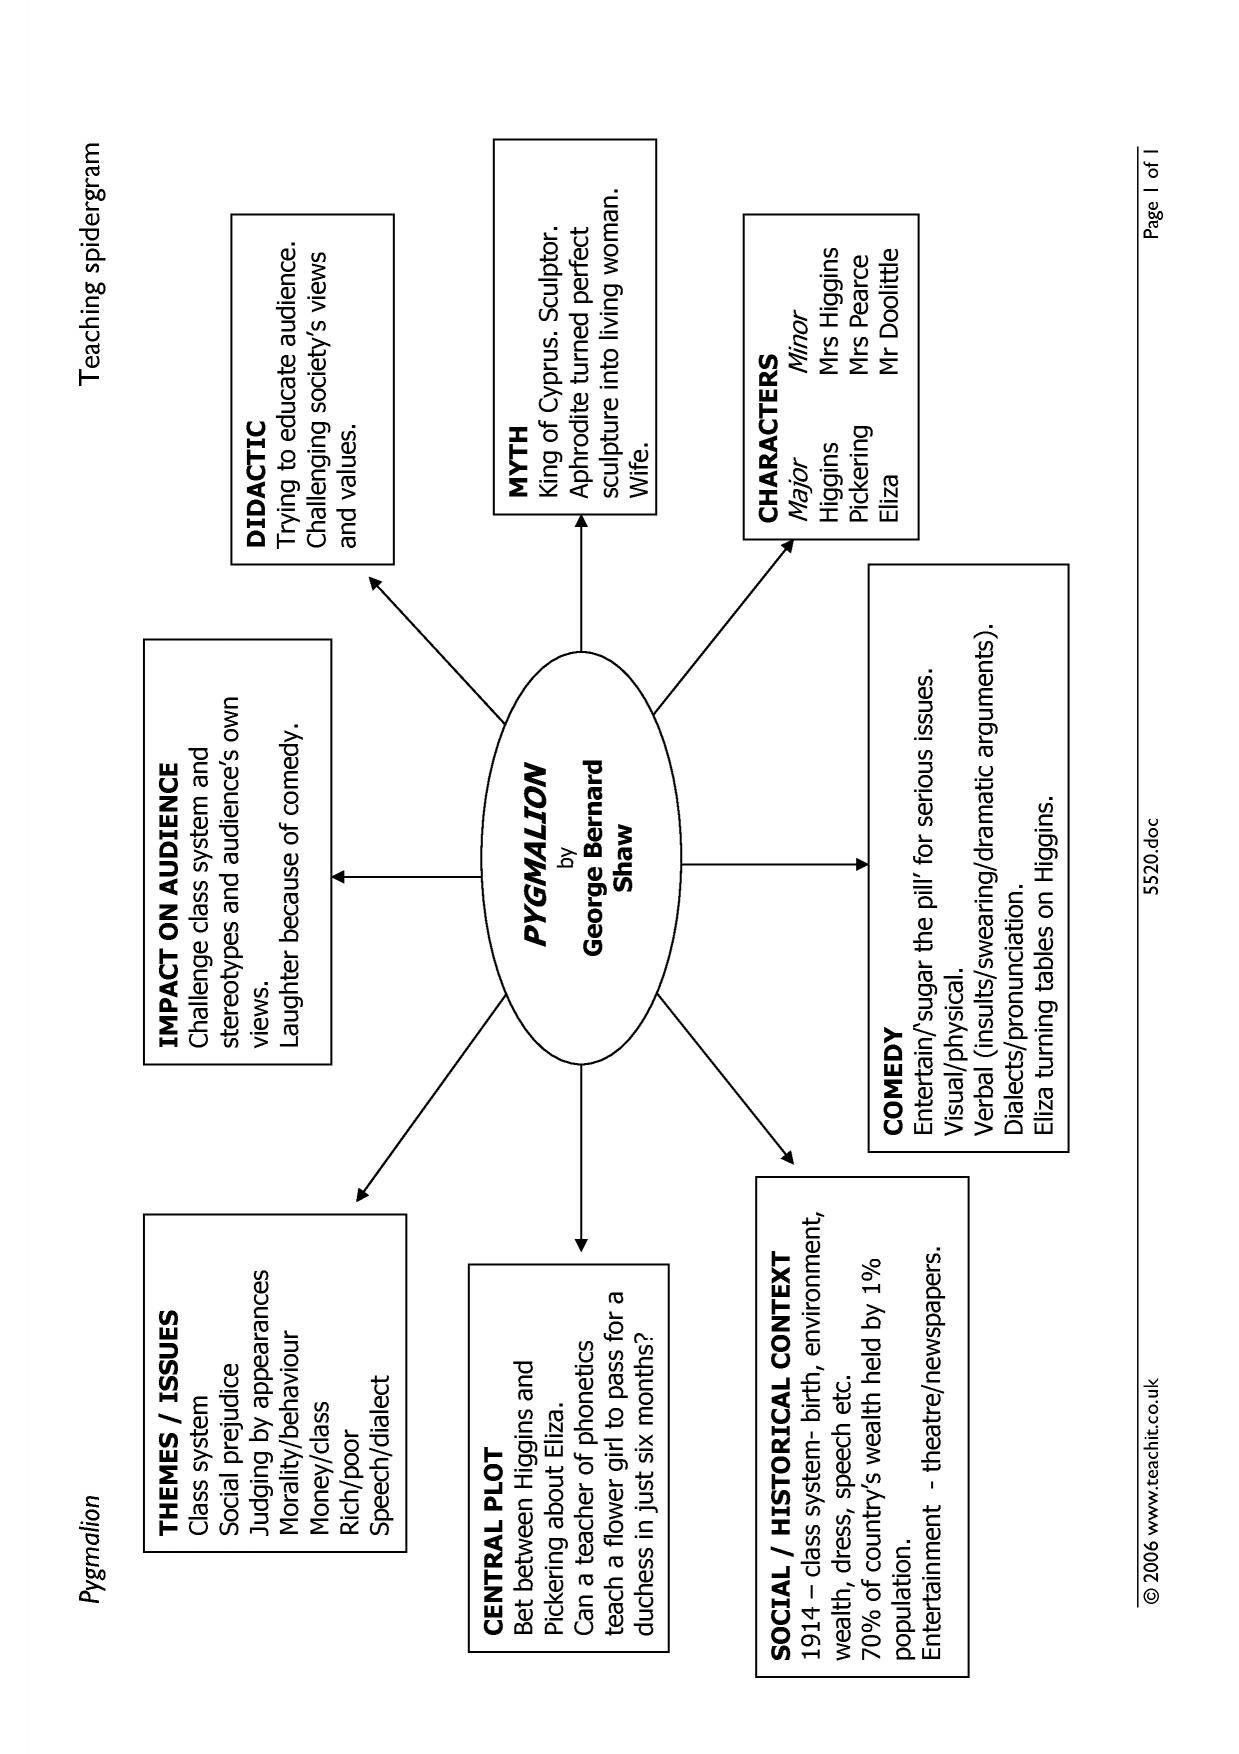 carol diagram